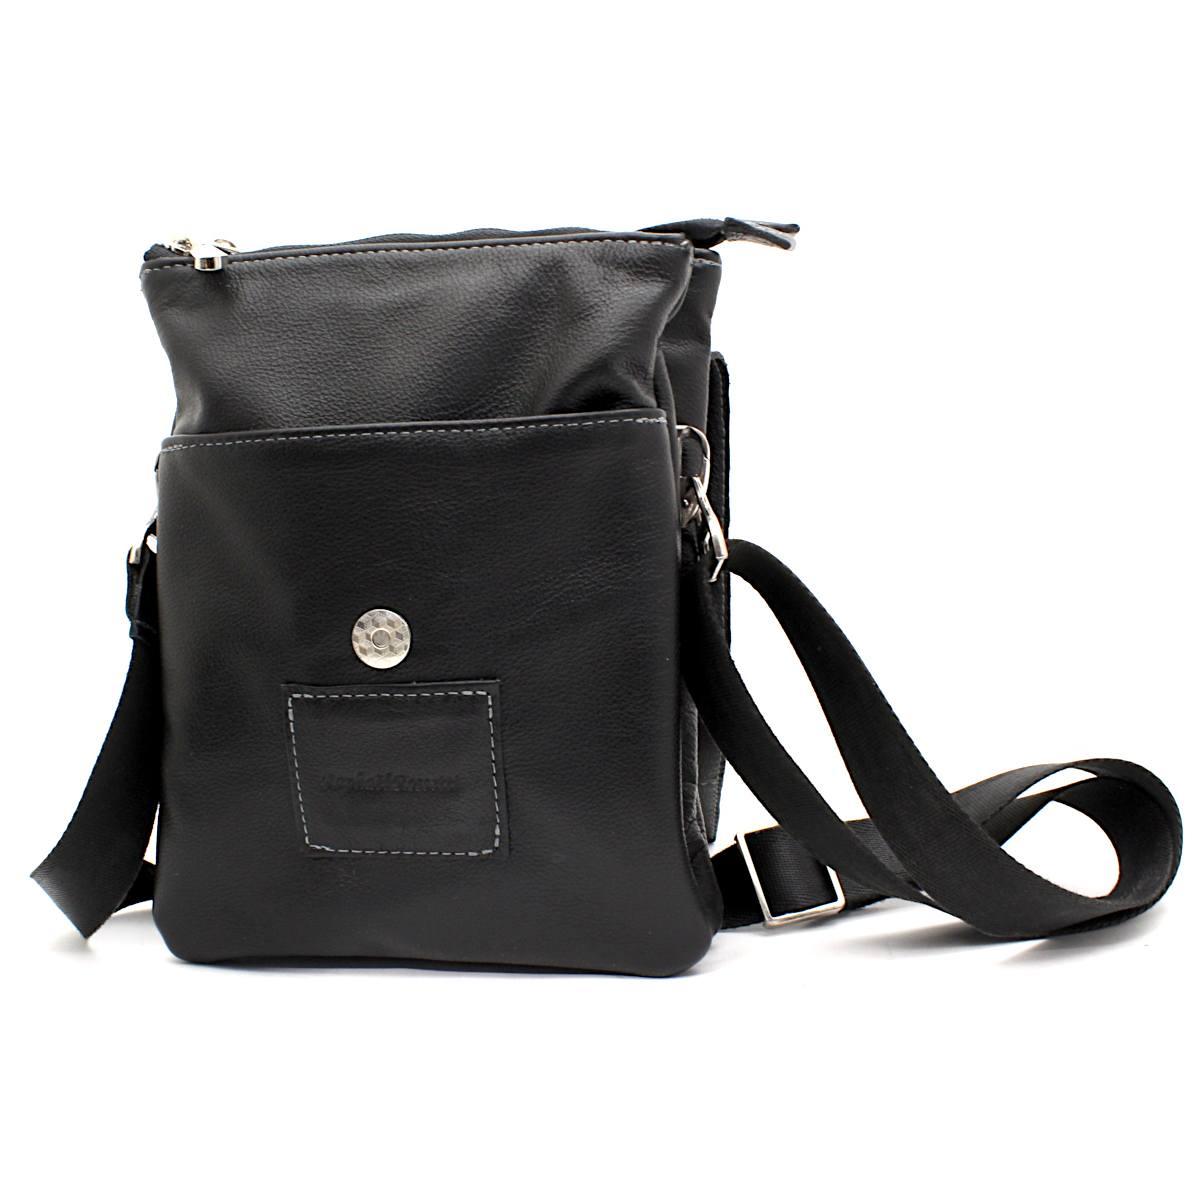 Черна мъжка чанта през рамо естествена кожа 8799 отпред